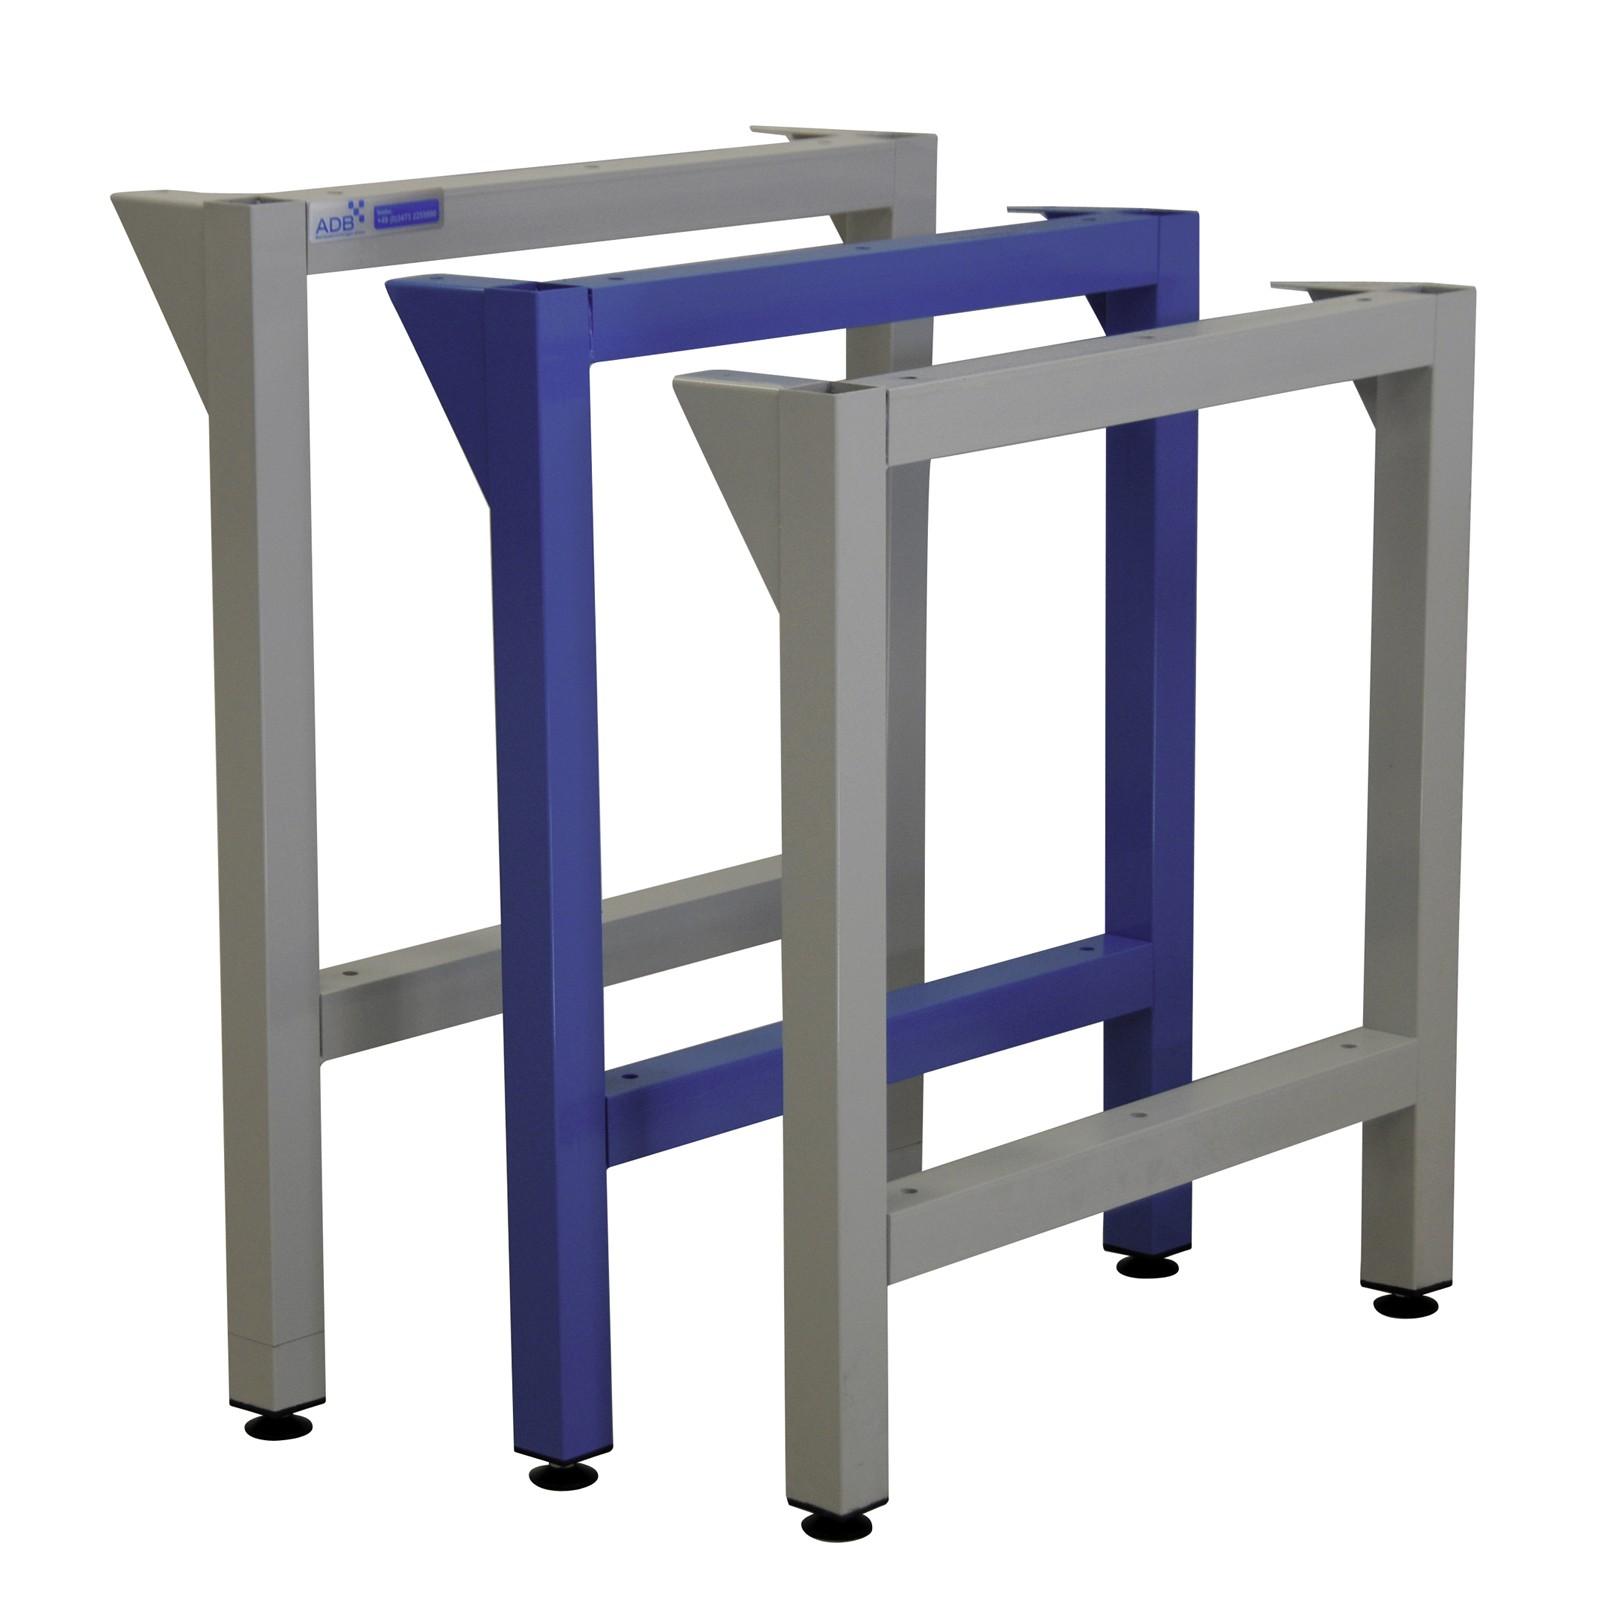 ADB Werkbankfuß Werktisch-Stützbeine für Werkbänke Tiefe 700 mm